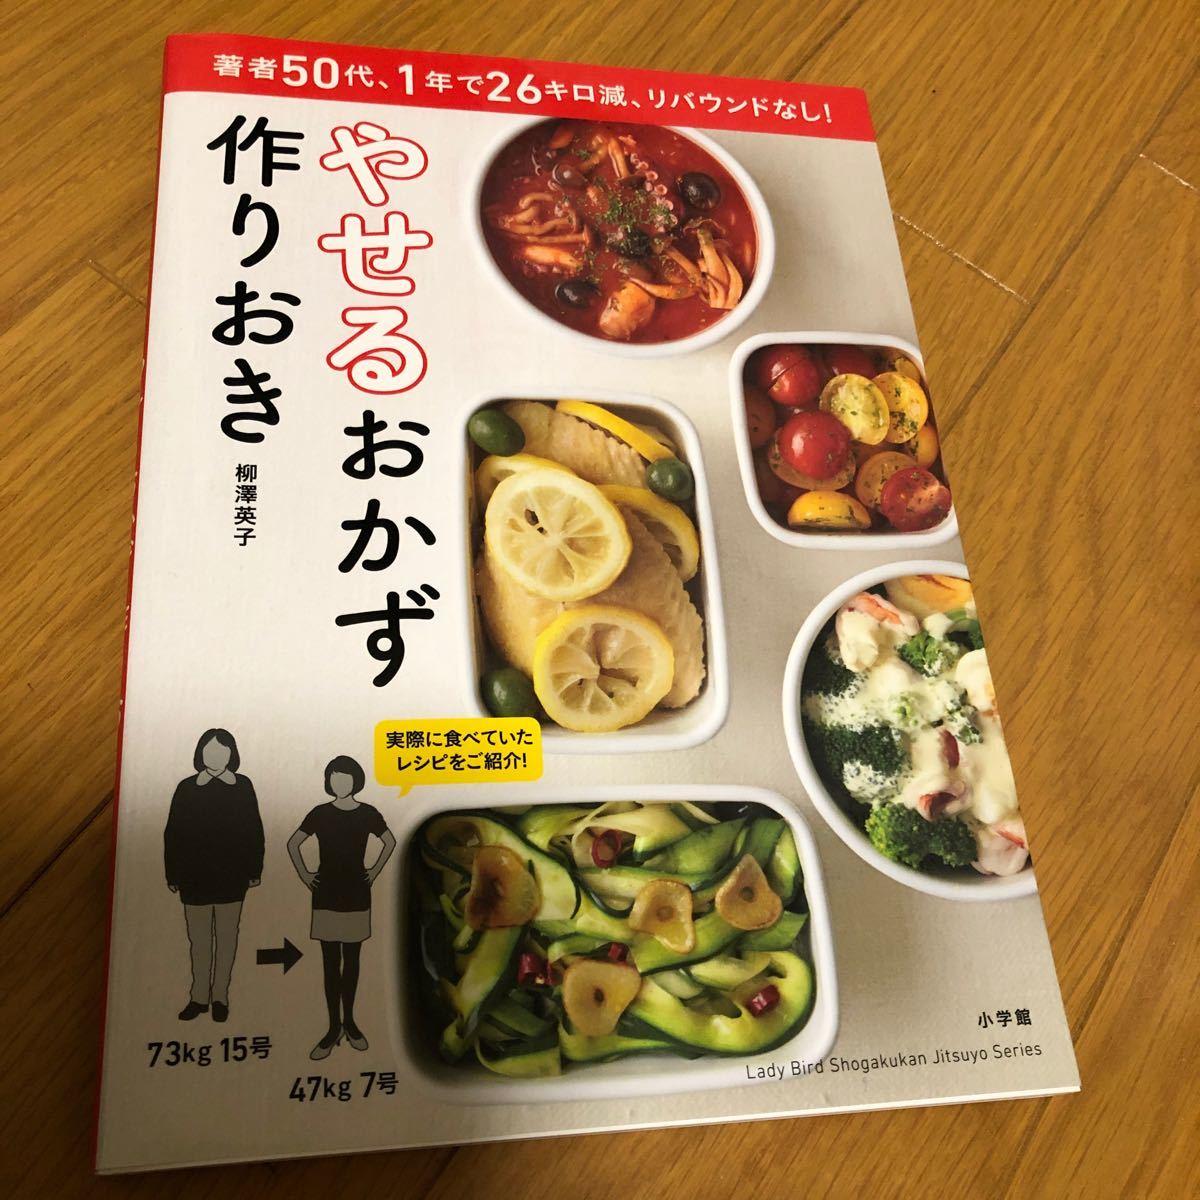 やせるおかず作りおき 著者50代、1年で26キロ減、リバウンドなし! /柳澤英子/レシピ